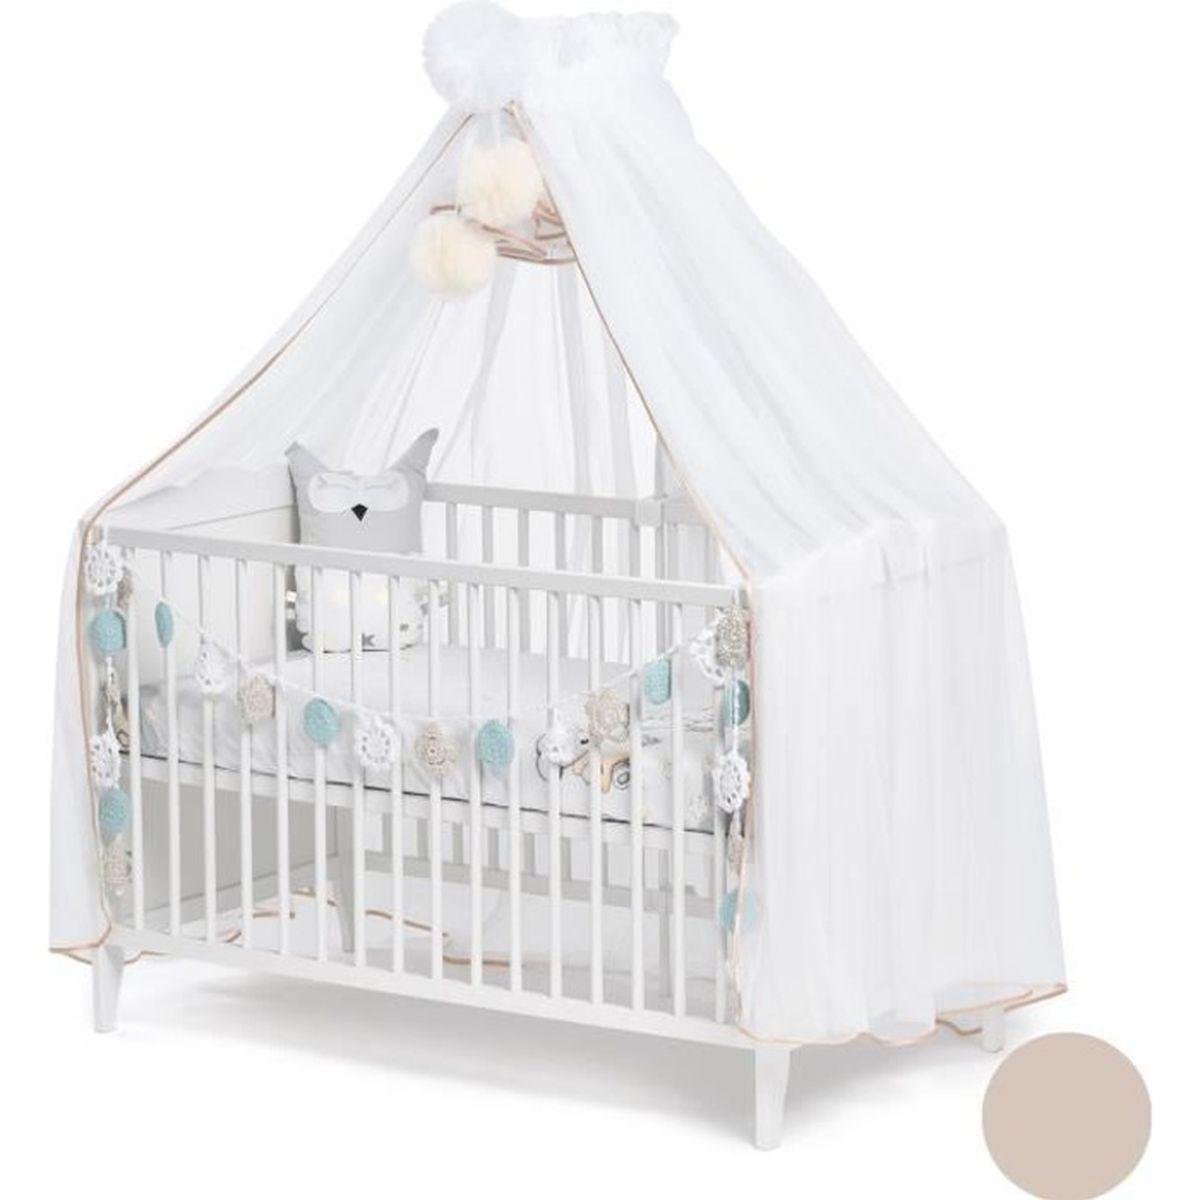 Ciel de lit en tissu Prince Princesse gris anthracite Fabrication europ/éenne